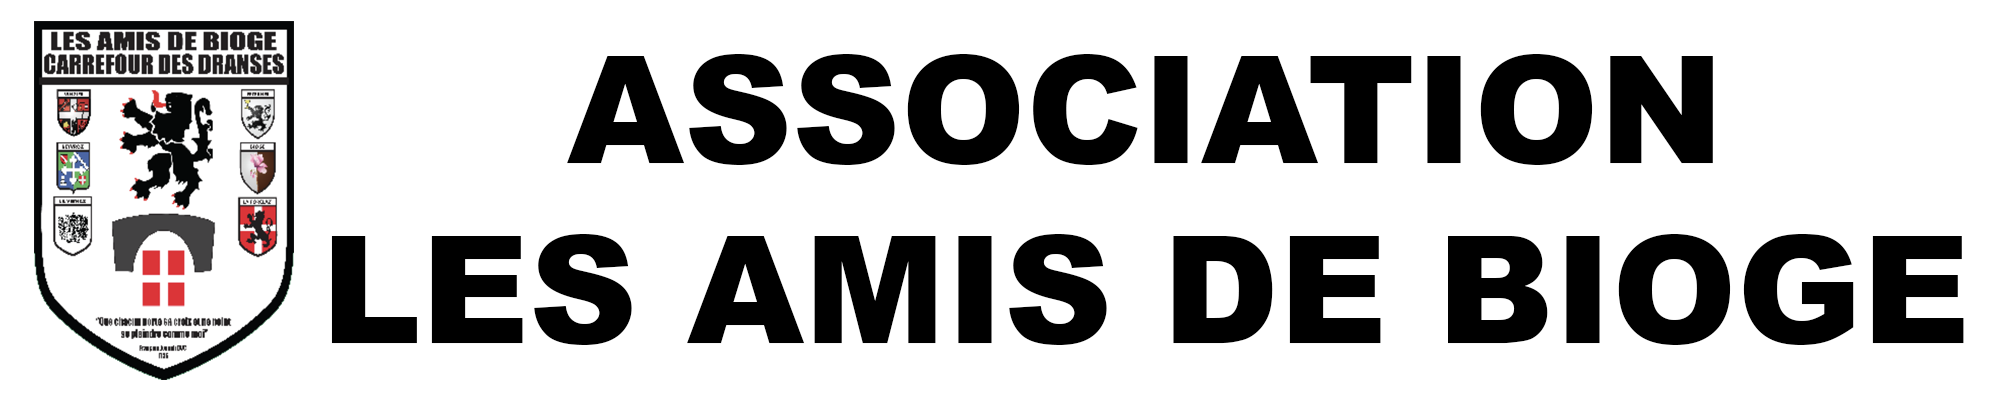 Association Les Amis de Bioge - Carrefour des Dranses